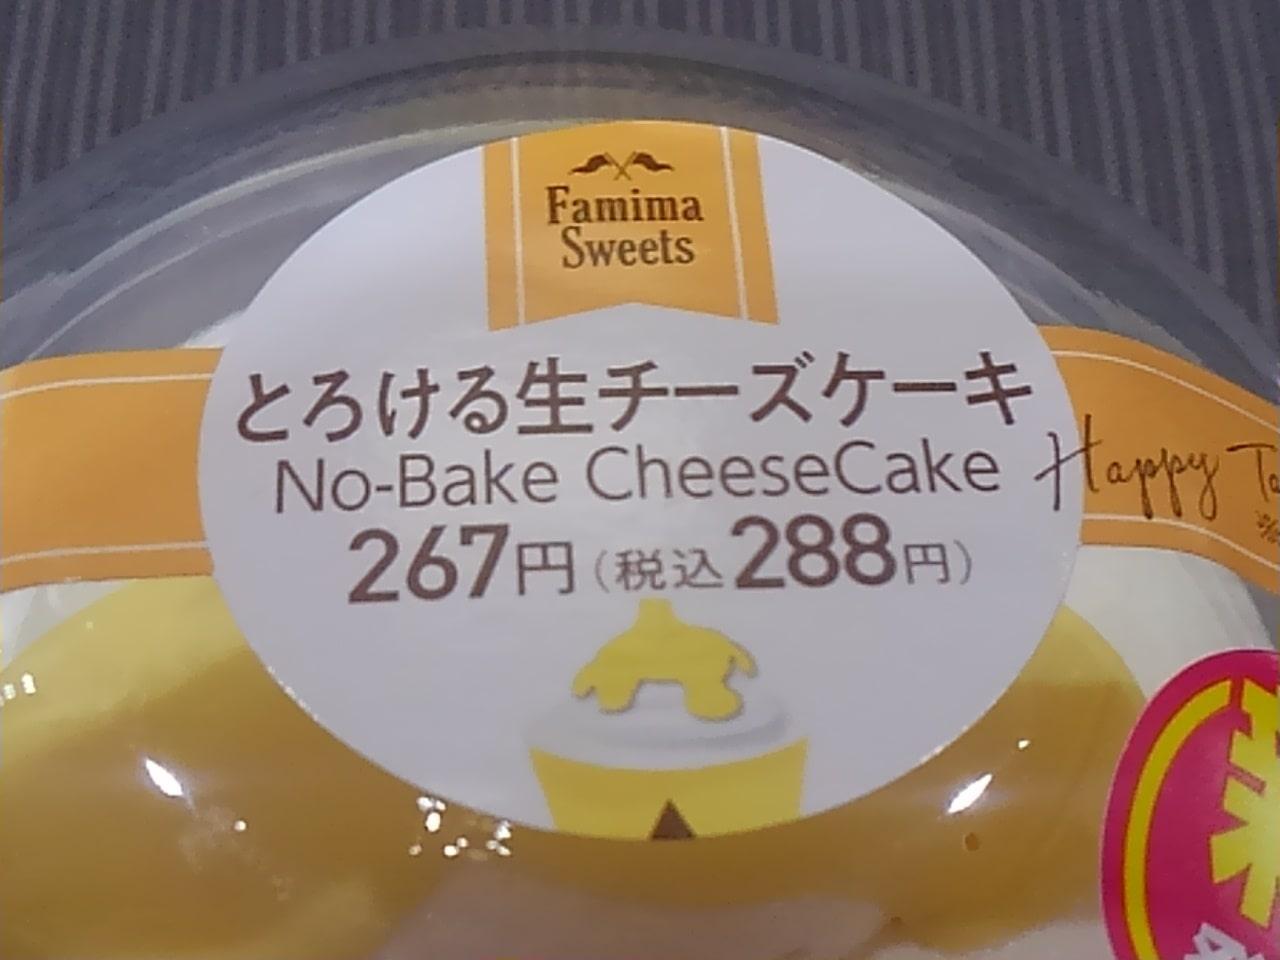 ファミマのとろける生チーズケーキの感想・口コミ・カロリー・値段